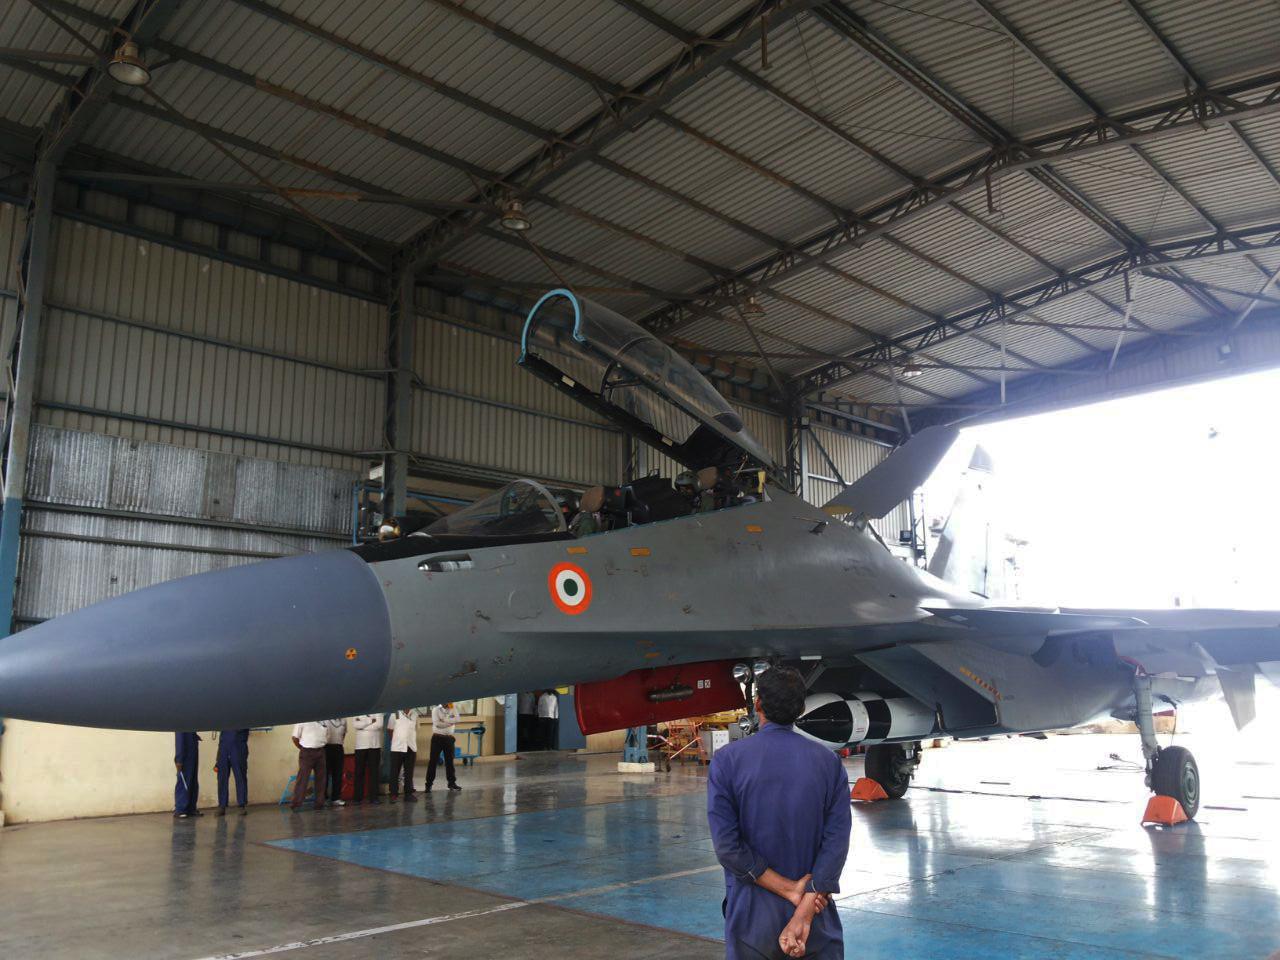 Демонстрационный полет индийского Су-30МКИ с авиационным вариантом ракеты BrahMos